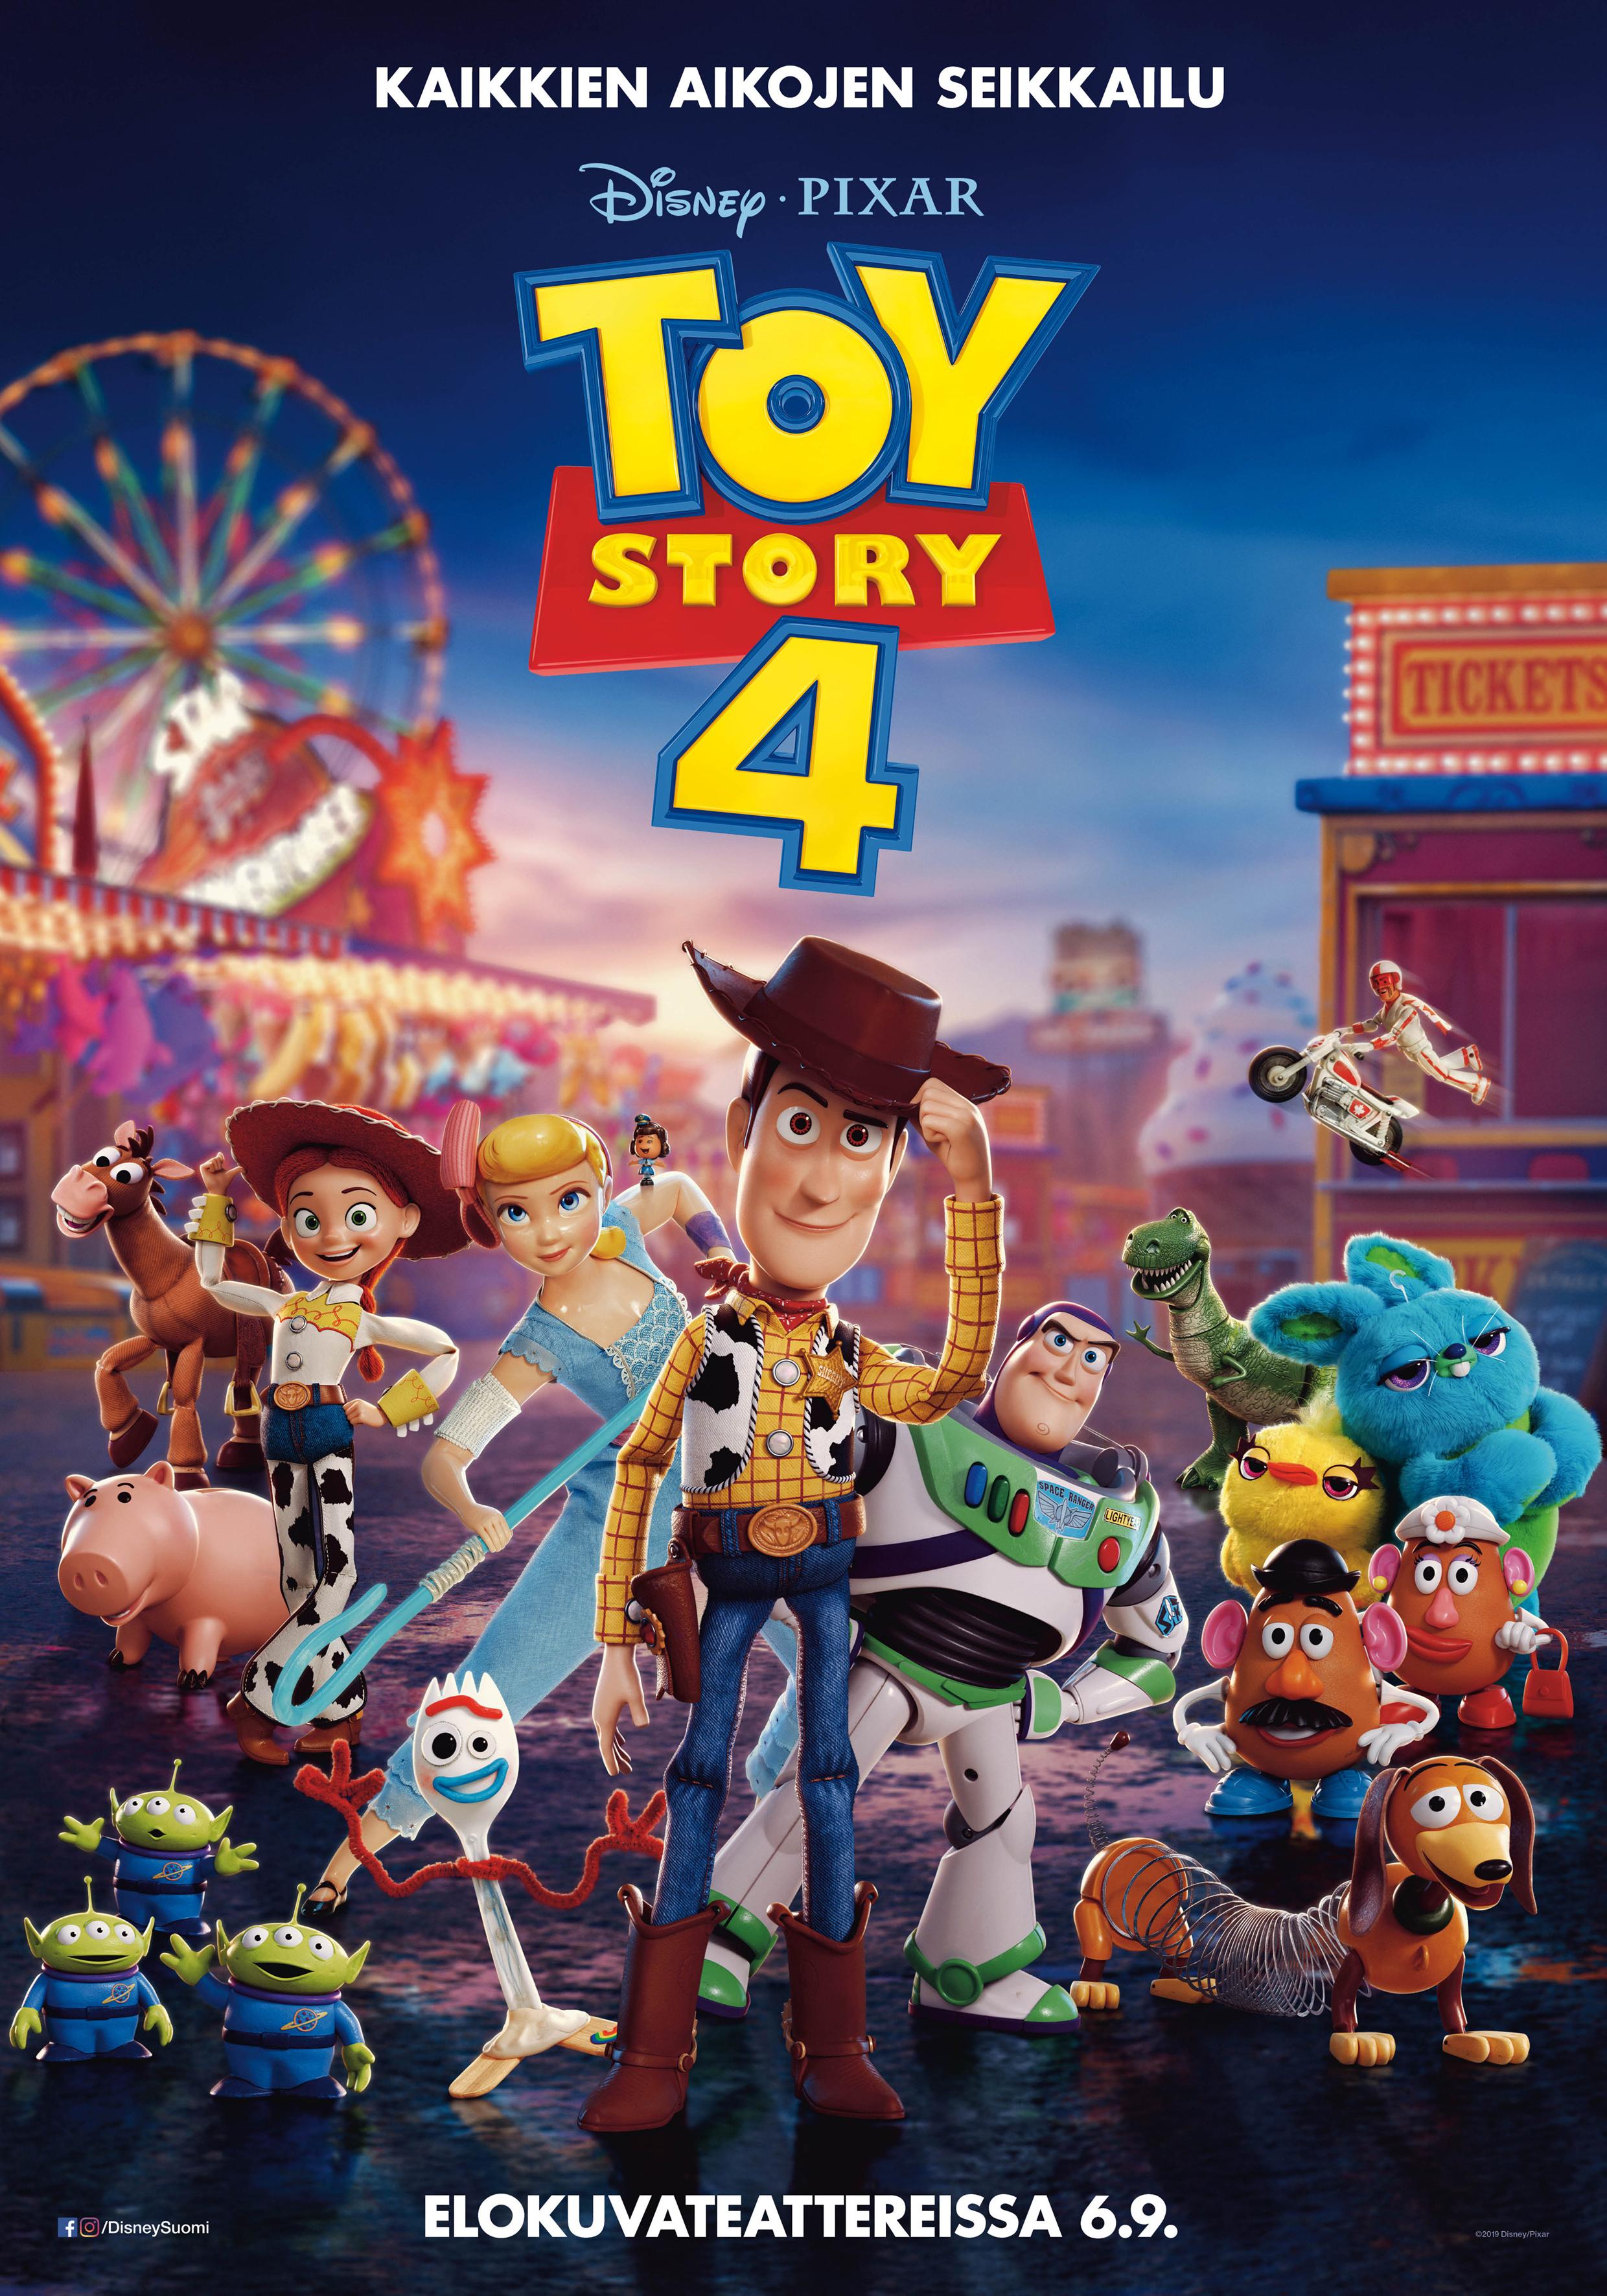 Toy Story 4 -elokuva Kangasala-talon K-Kinossa syyskuussa 2019.